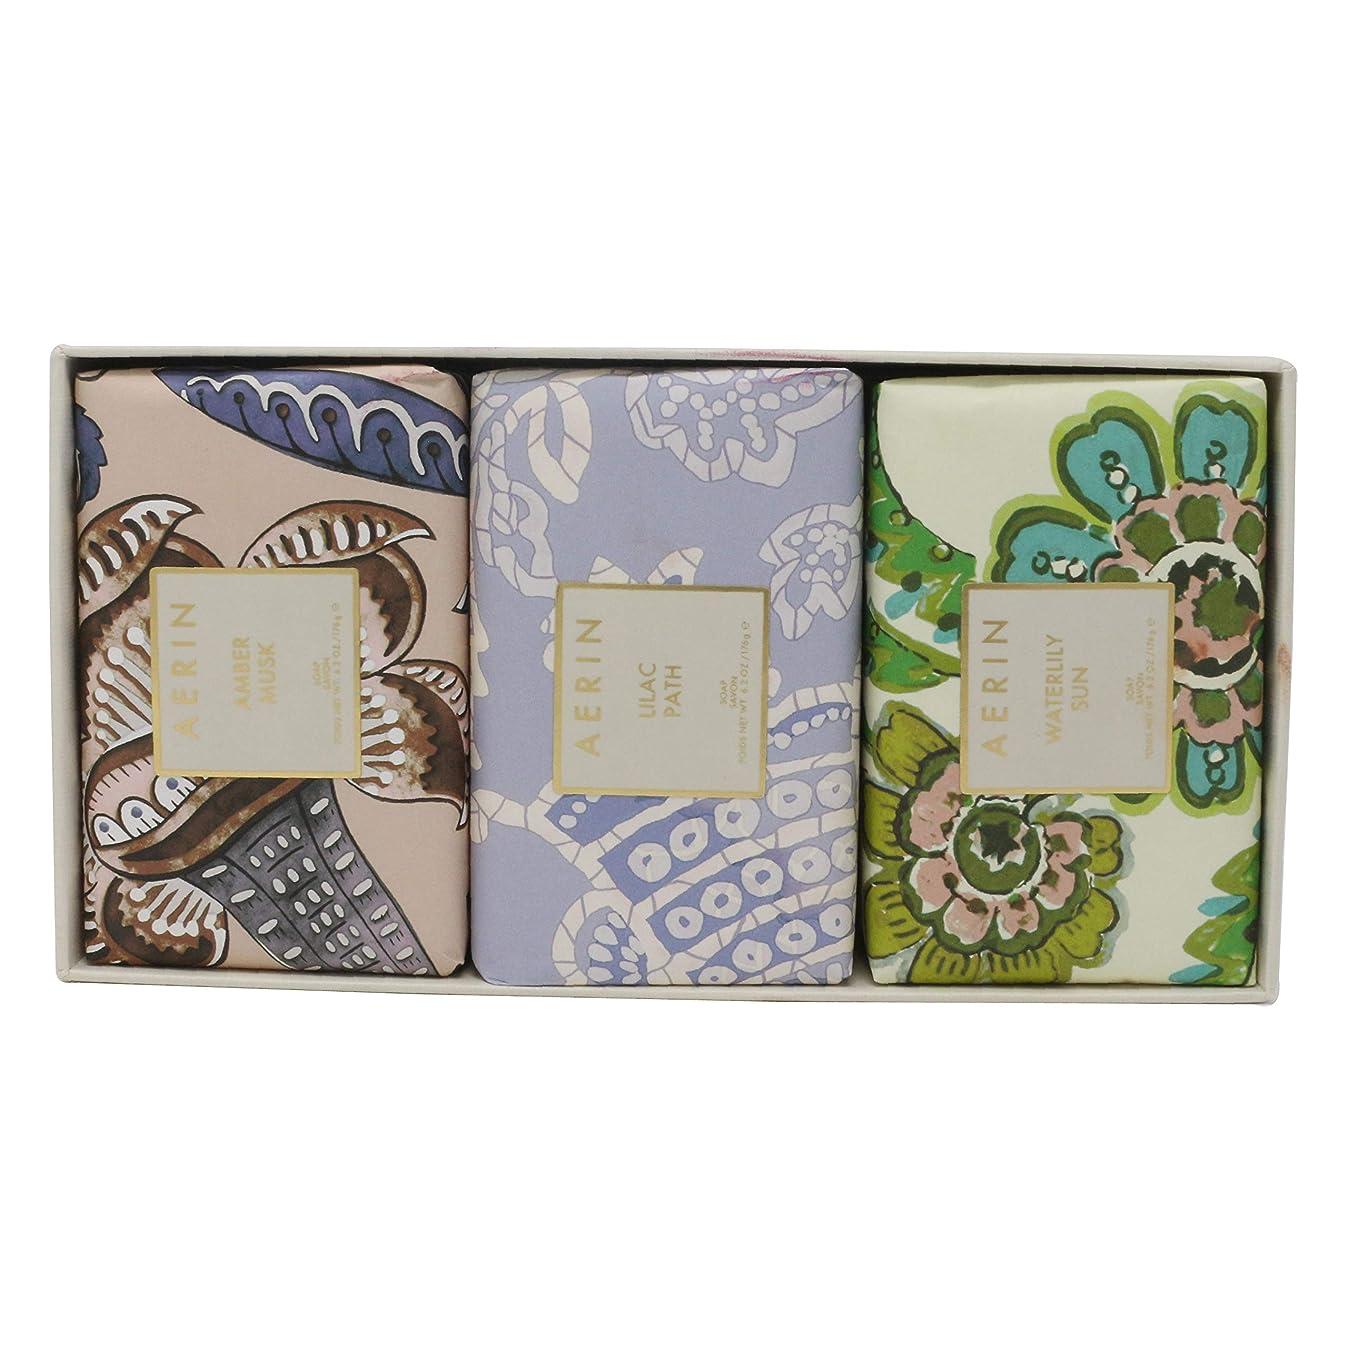 被害者仕様それにもかかわらずAERIN Beauty Soap Coffret(アエリン ビューティー ソープ コフレット ) 6.2 oz (186ml) Soap 固形石鹸 x 3個セットby Estee Lauder